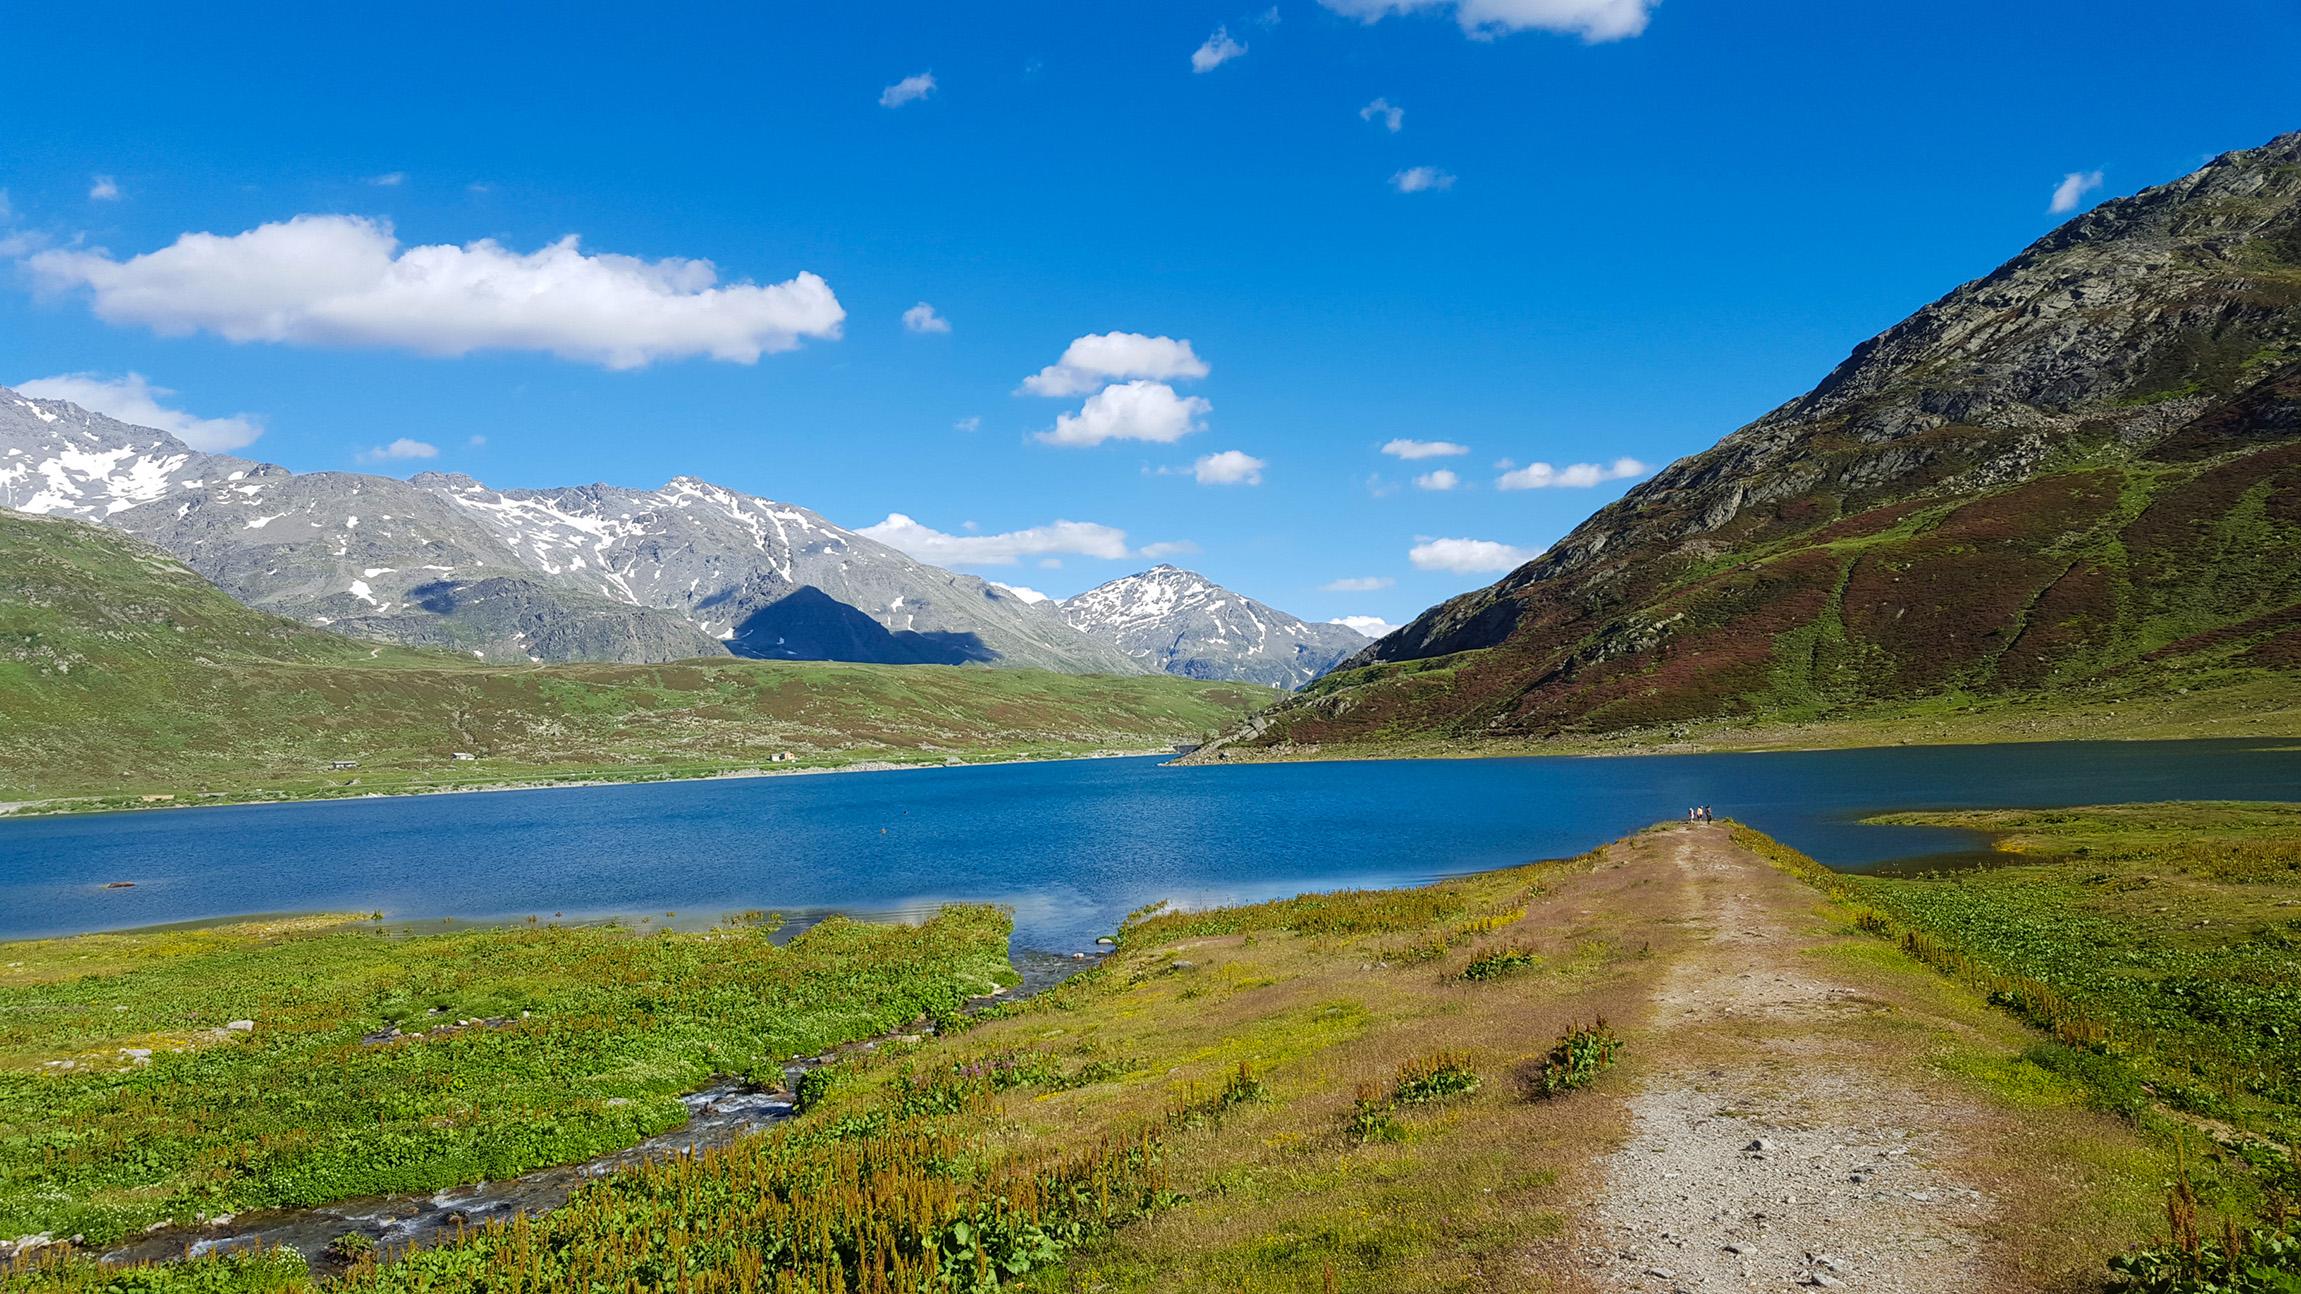 Lago dello Spluga